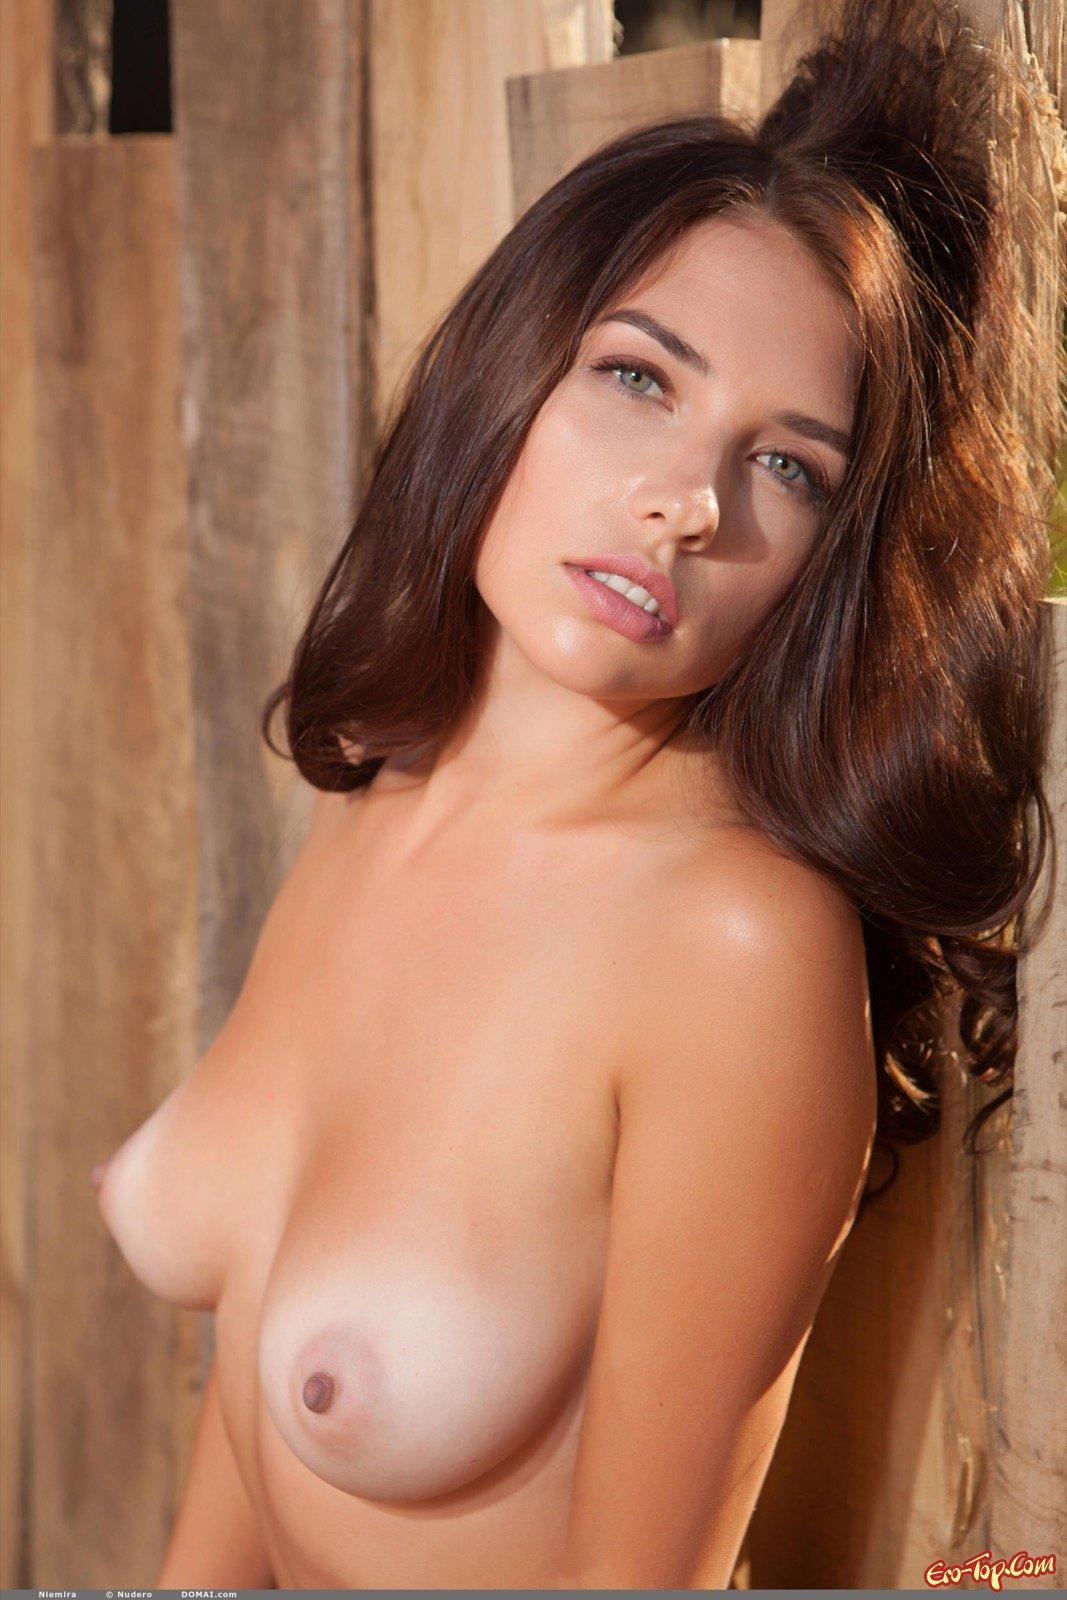 Сидя на стуле стройная модель выставила напоказ висячую грудь секс фото